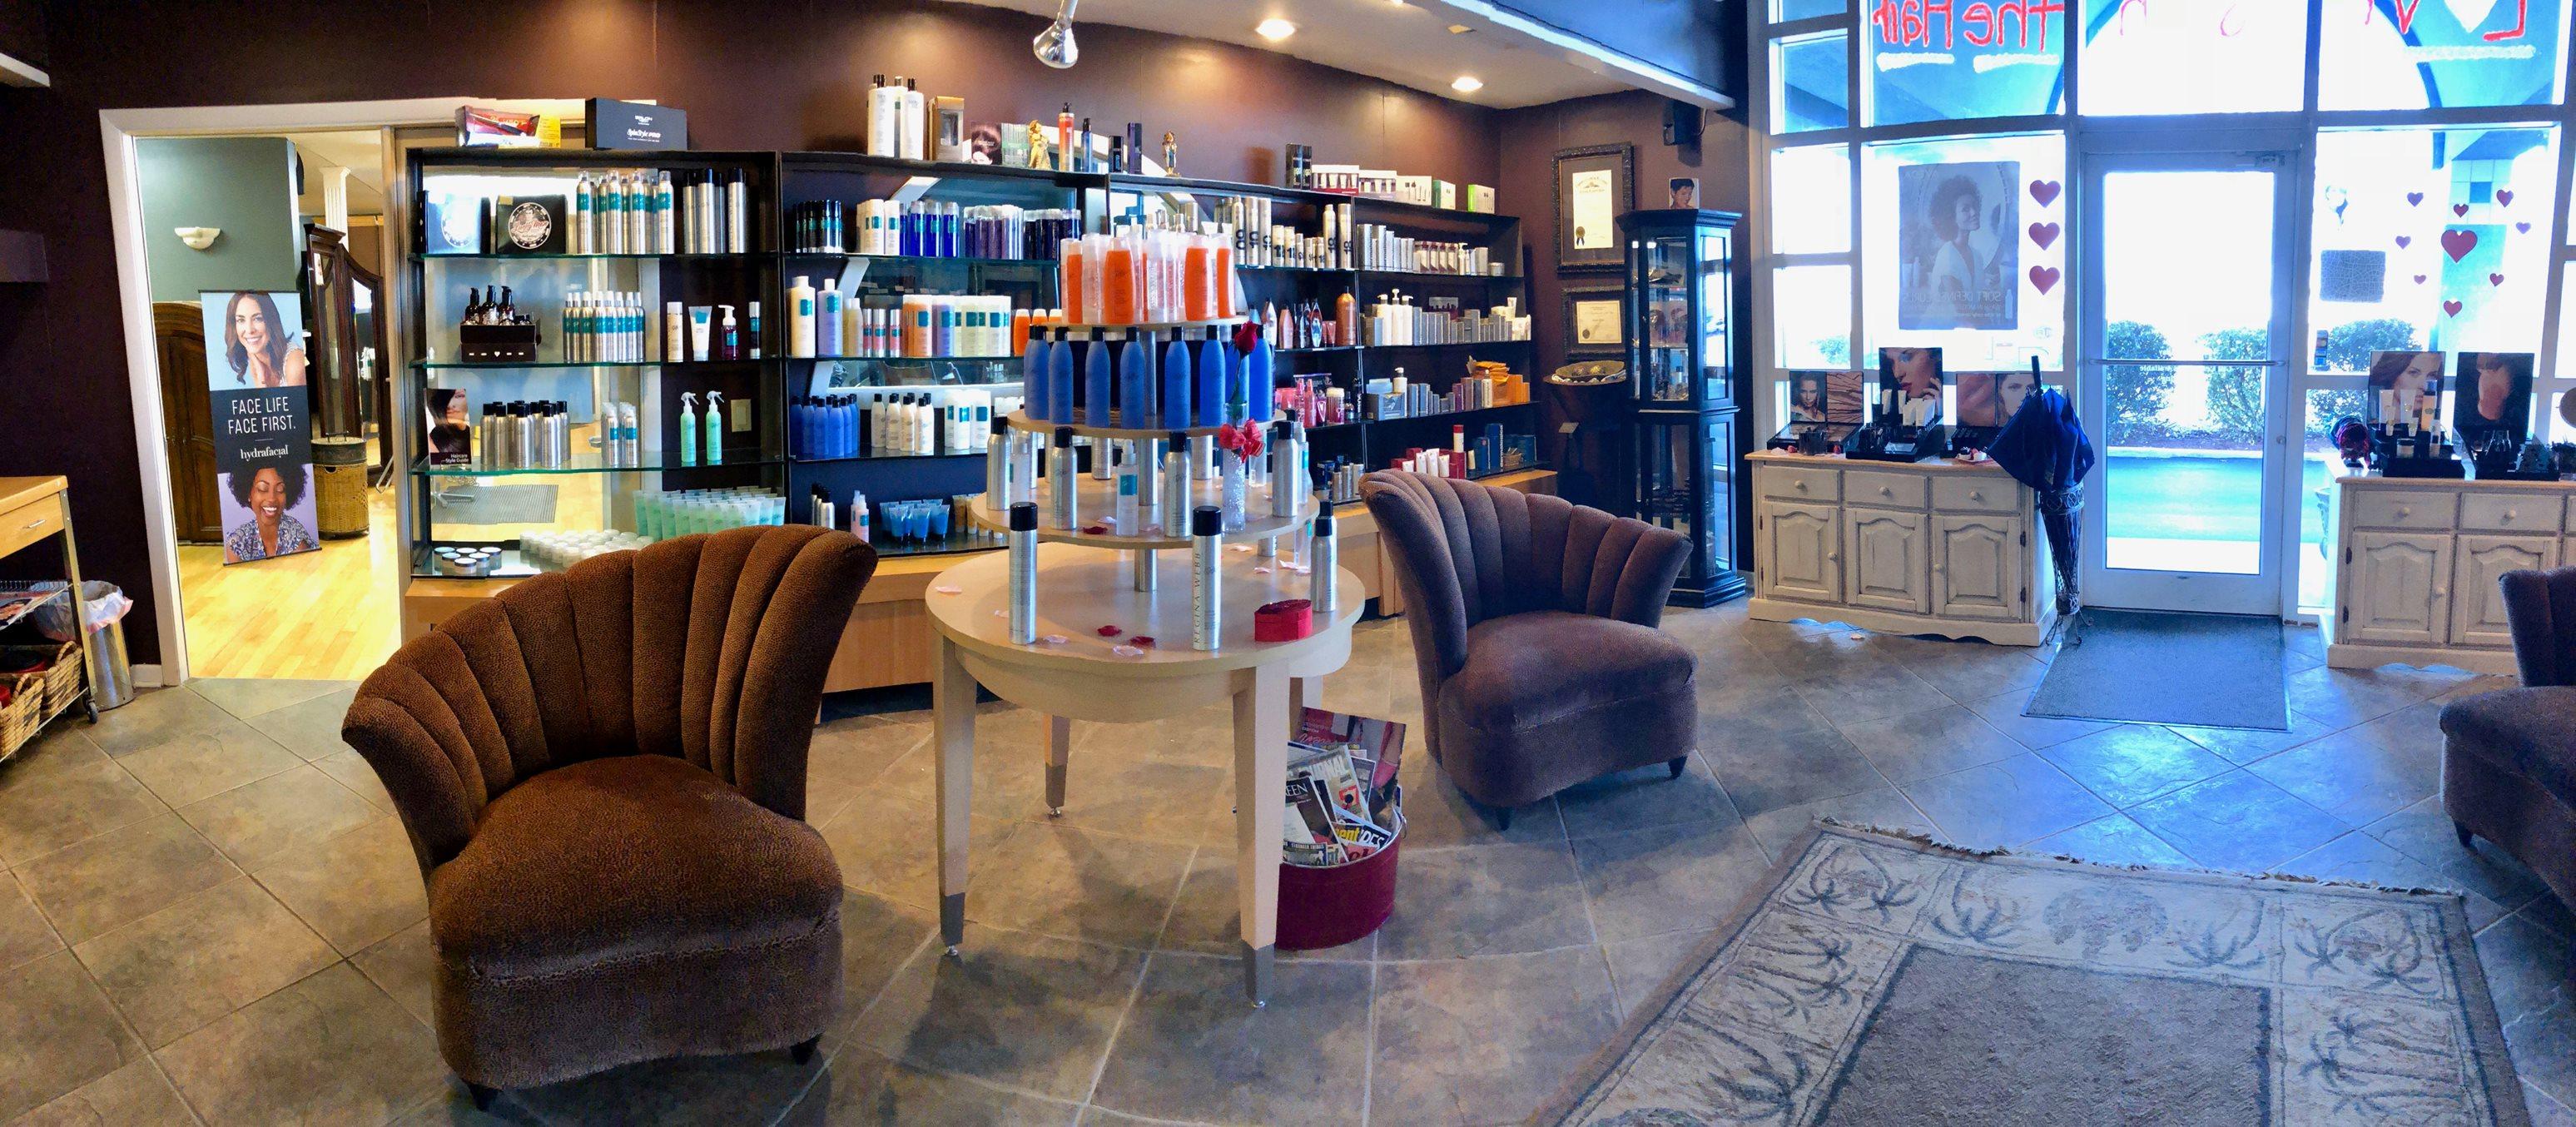 regina webb interior salon spa bowling green